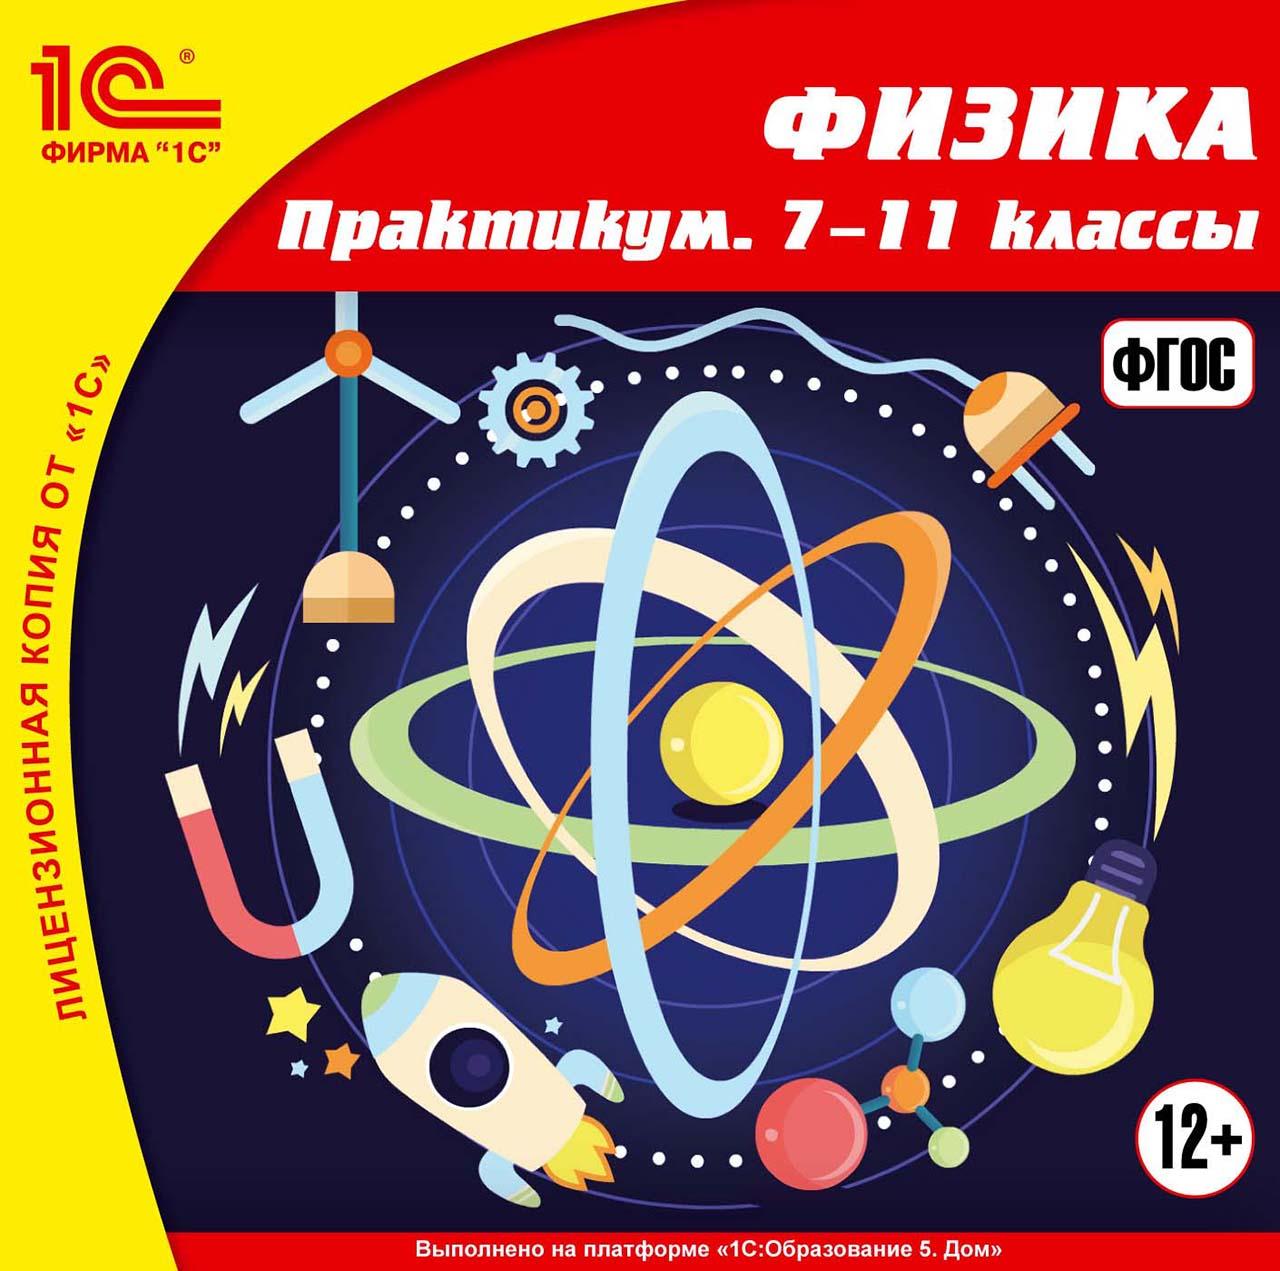 Физика. Практикум. 7–11 классыЭлектронное учебное пособие Физика. Практикум. 7–11 классы содержит коллекцию интерактивных моделей по всем разделам школьного курса физики и методические рекомендации к ним.<br>